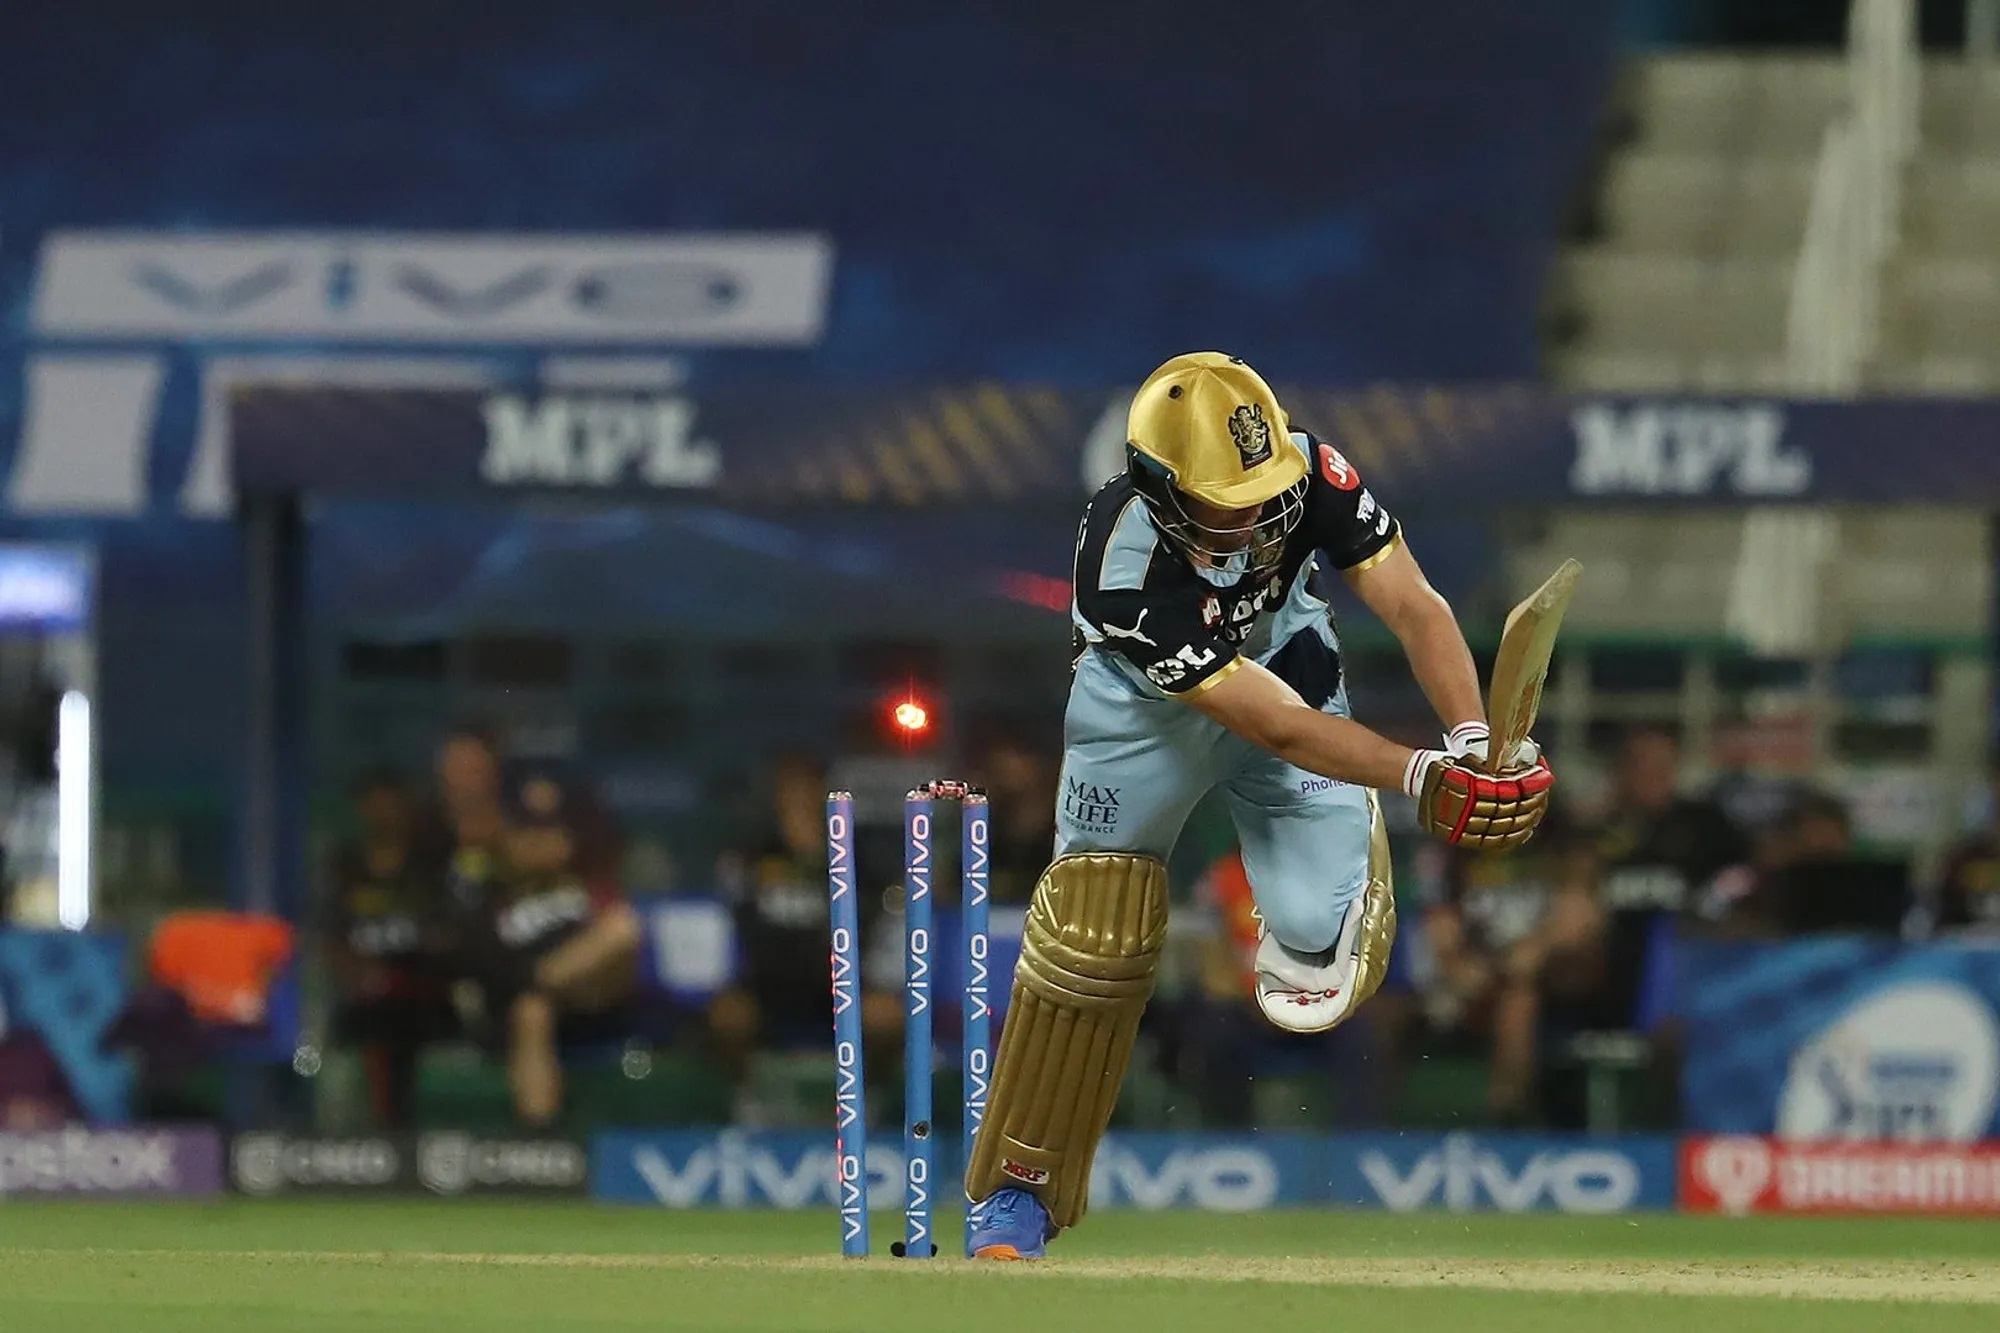 AB डिविलियर्स का IPL में 10वीं बार खाता नहीं खुला। आंद्रे रसेल ने पहली ही गेंद पर उनकी गिल्ली उड़ा दी।